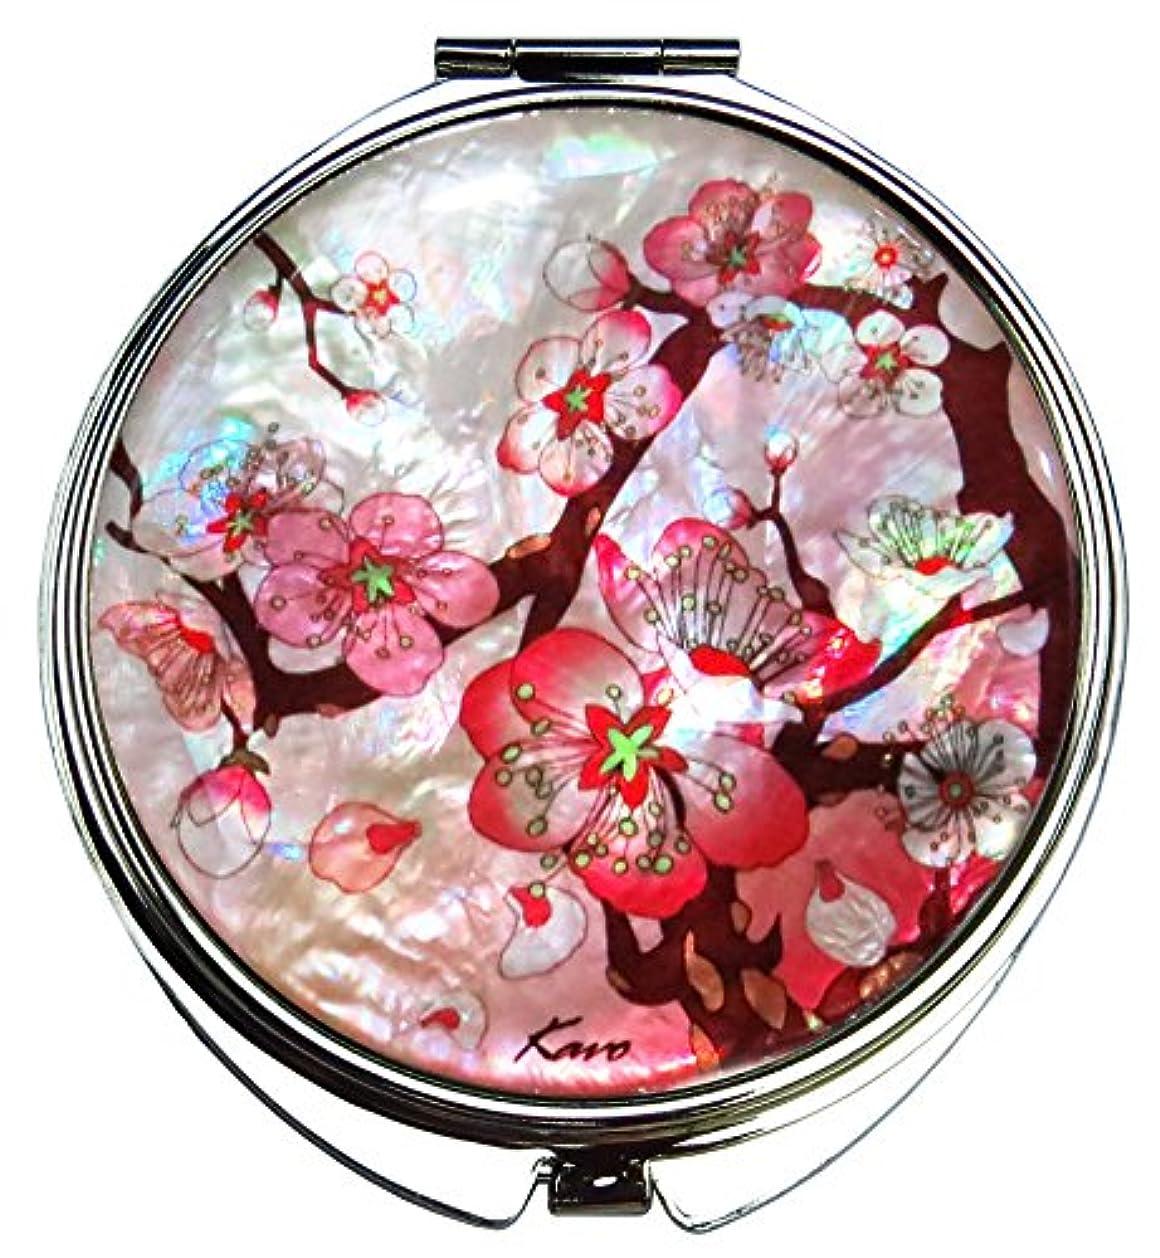 たくさんの未接続絶縁する桜(さくら) の螺鈿(らでん)の金属デュアルコンパクトな折りたたみと拡大の化粧鏡 白灰色 [並行輸入品]